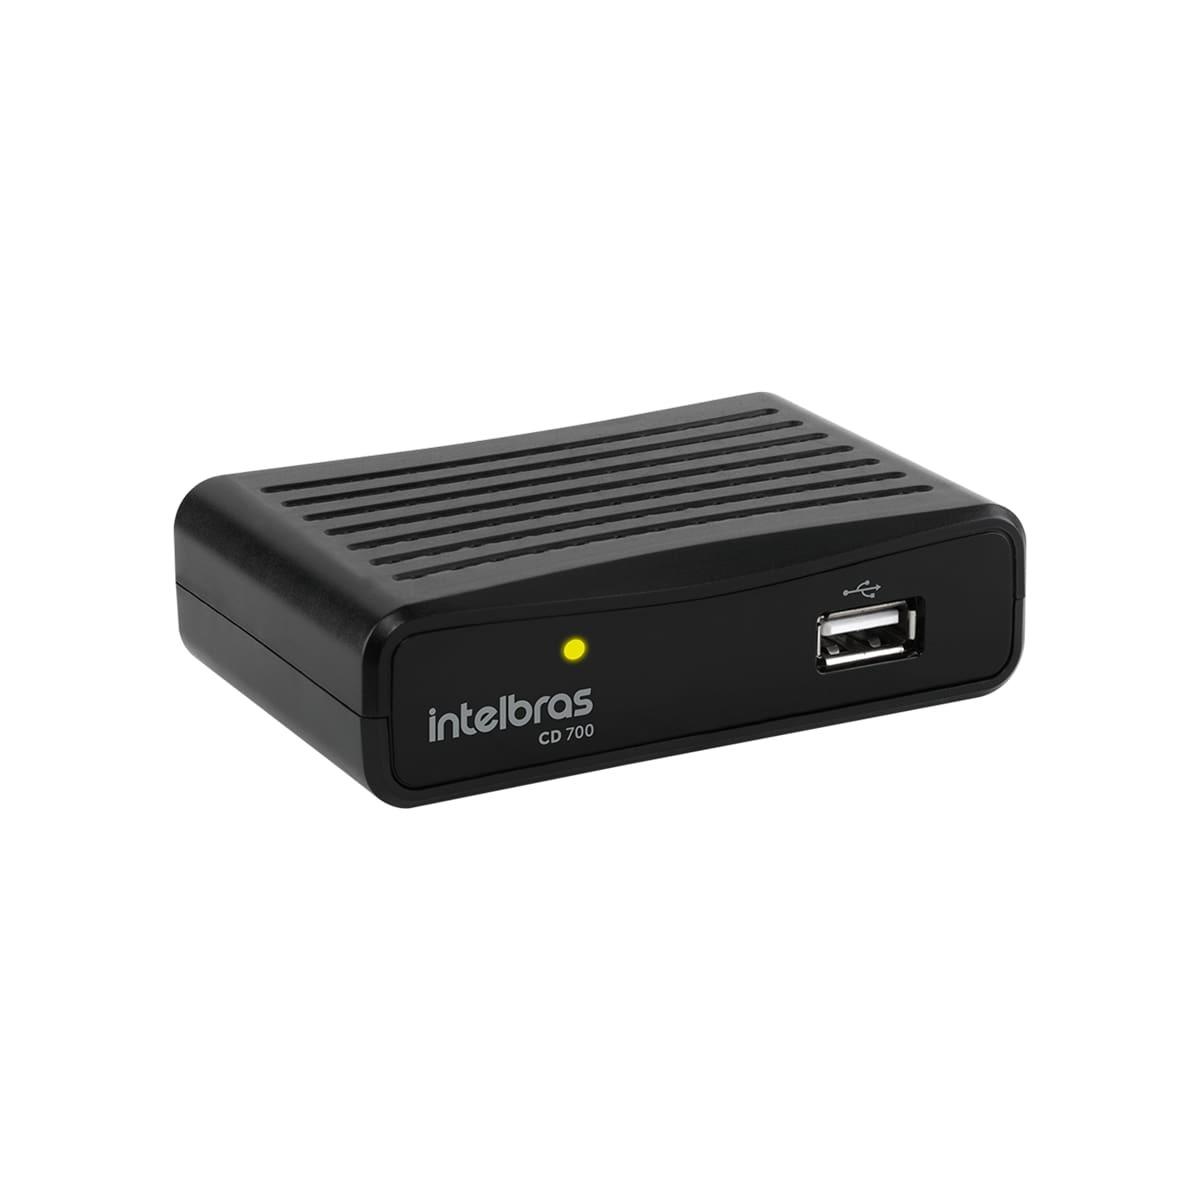 Conversor Digital de TV Intelbras com Gravador CD 700